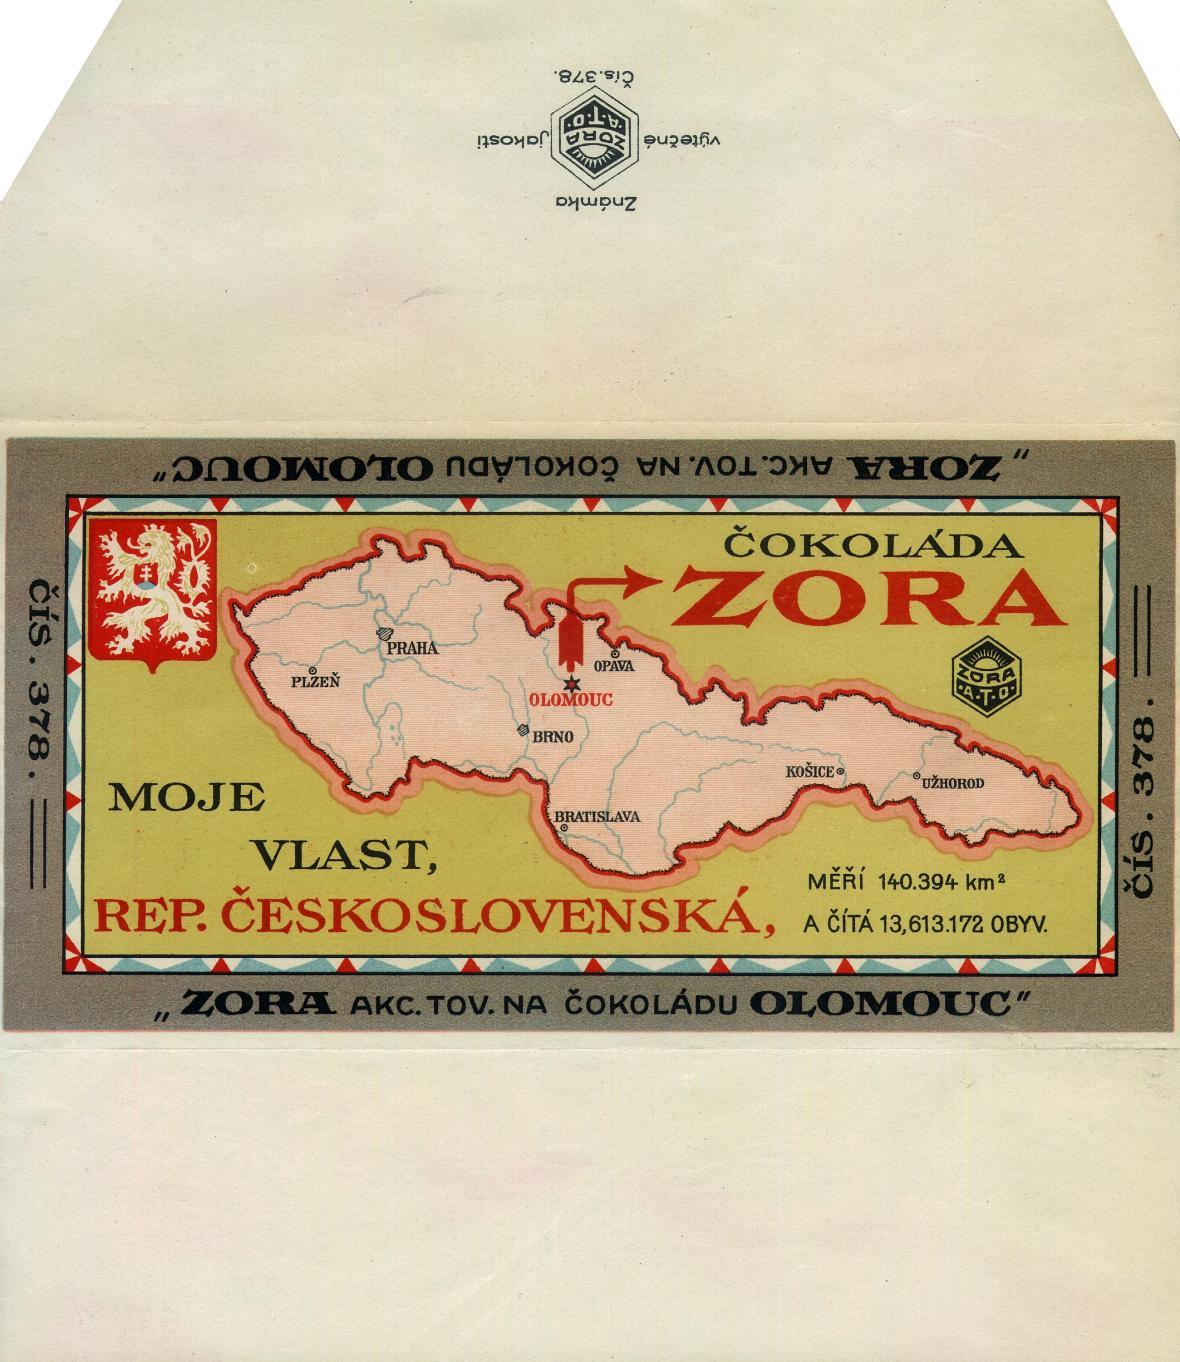 Čokoládovna Zora